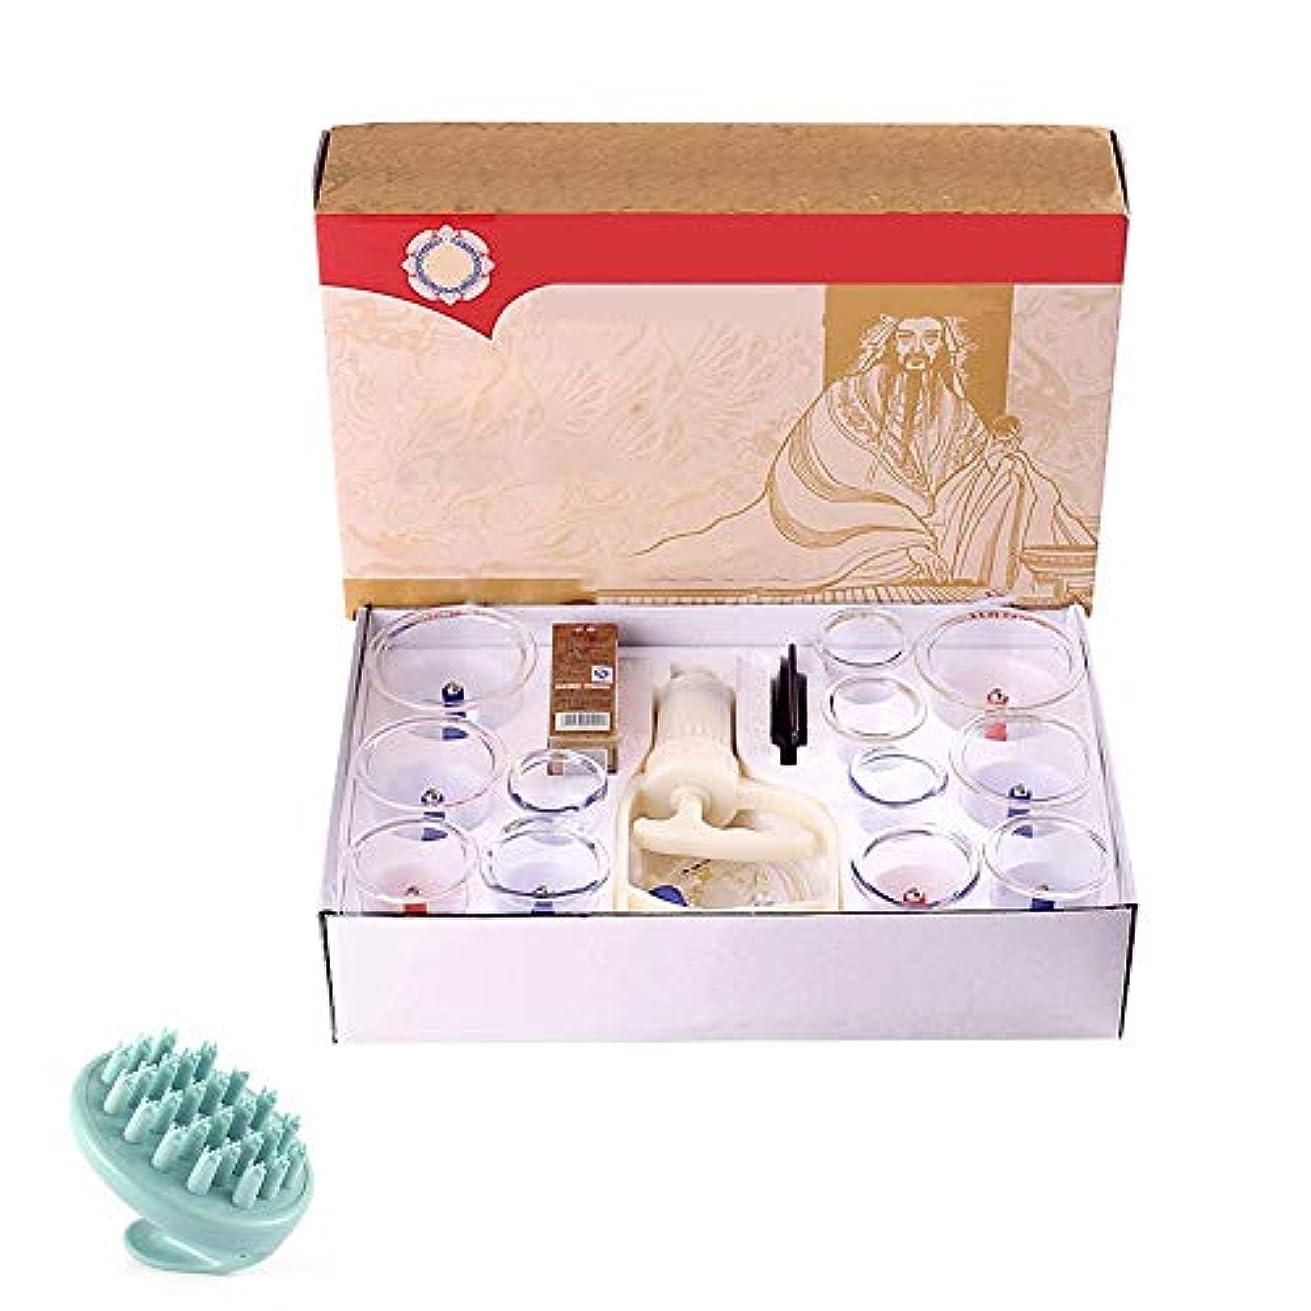 十一関与する放散する12カップマッサージカッピングセット、真空吸引生体磁気中国ツボ療法、女性と男性のための家、ストレス筋肉緩和、親家族のための最高の贈り物